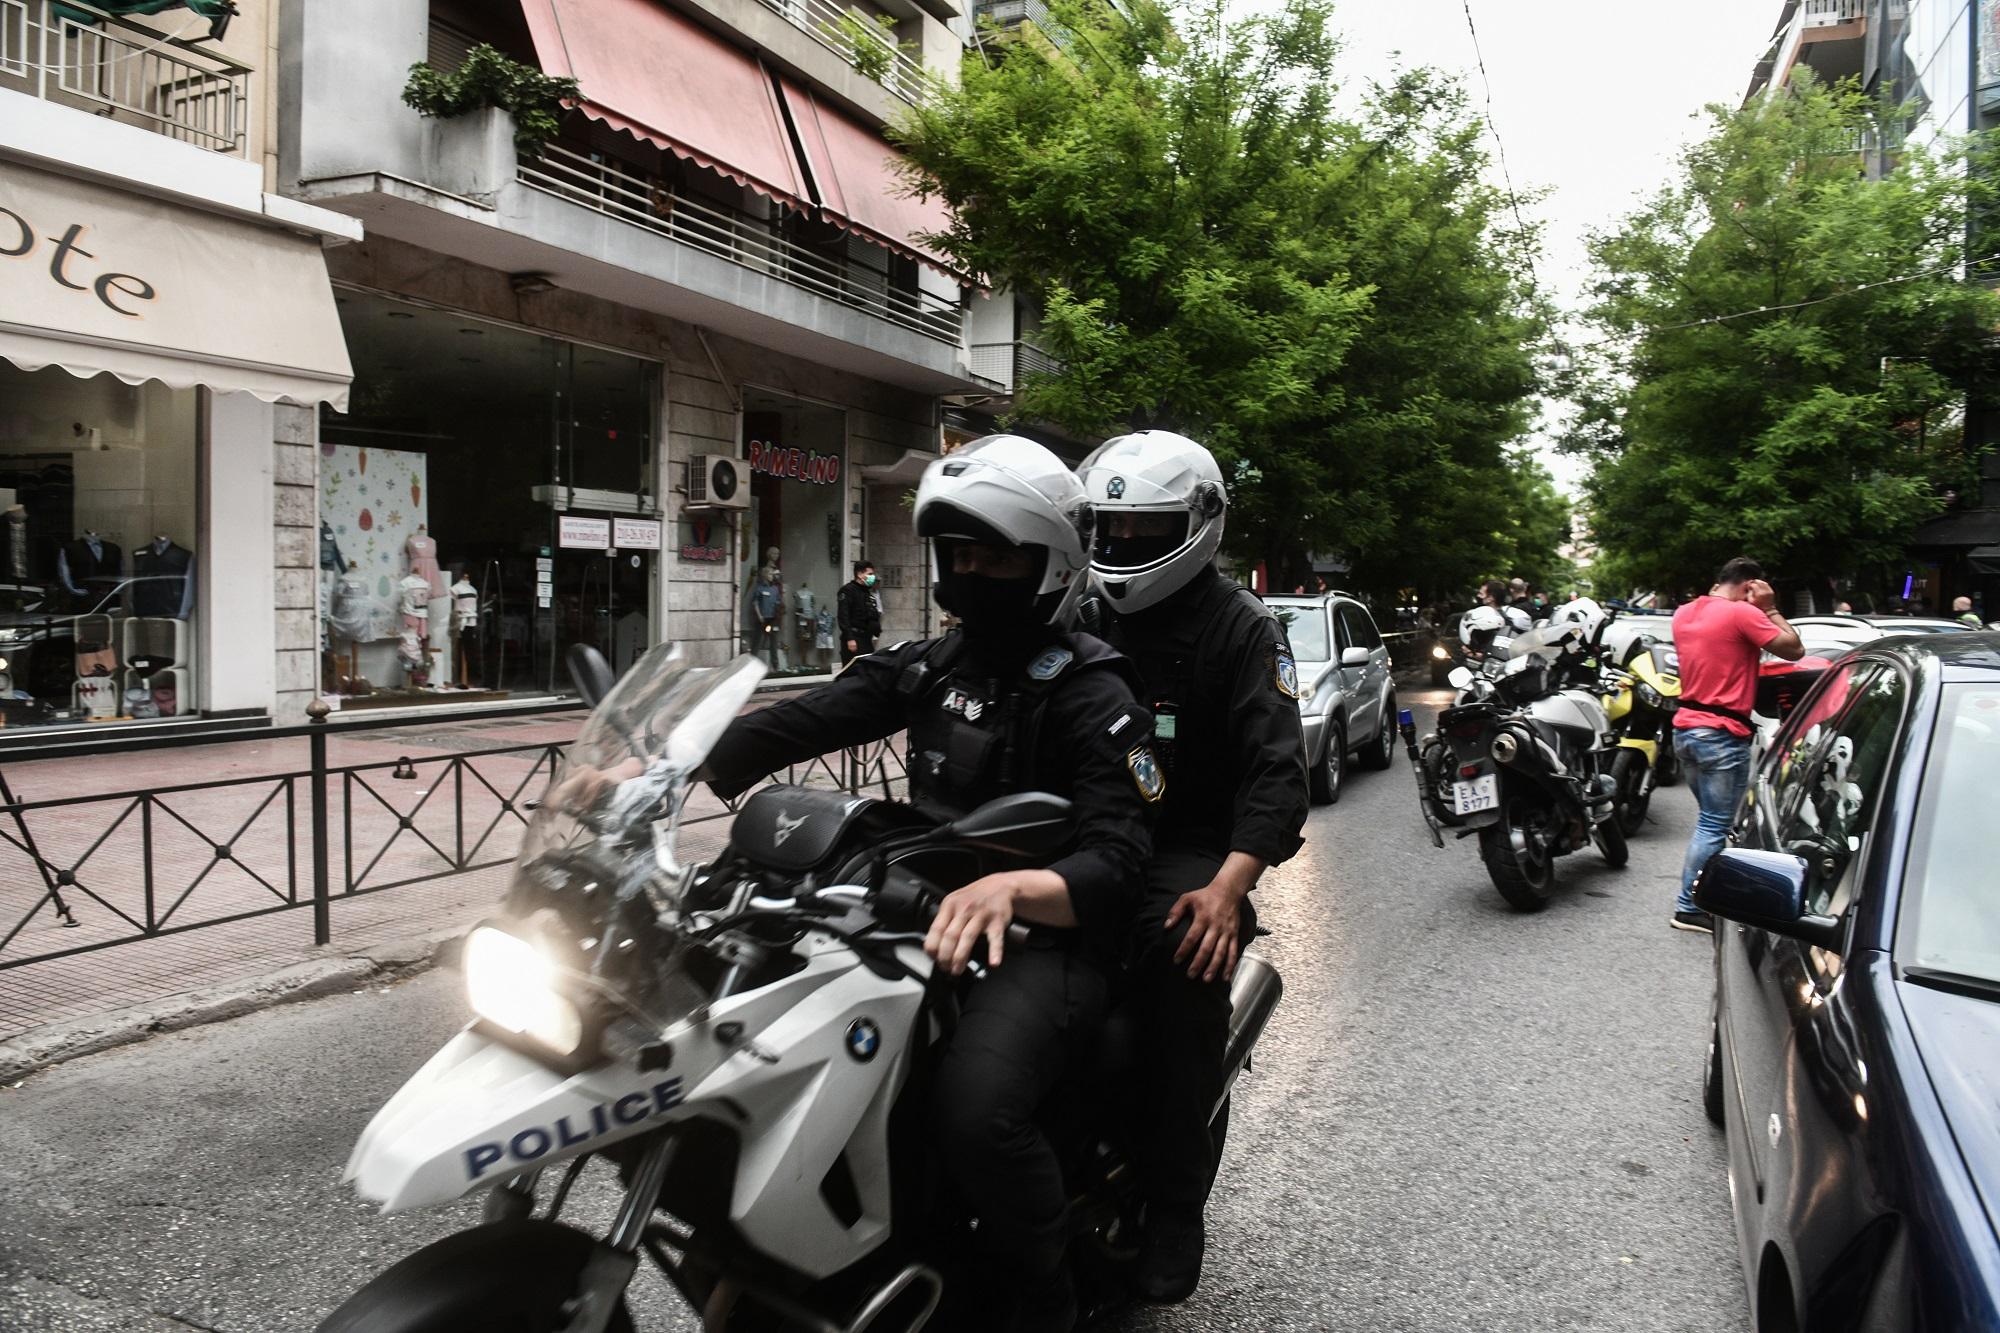 Μαφιόζικο έγκλημα σε καφετέρια στα Σεπόλια – Πυροβόλησαν άνδρα στο κεφάλι (video)